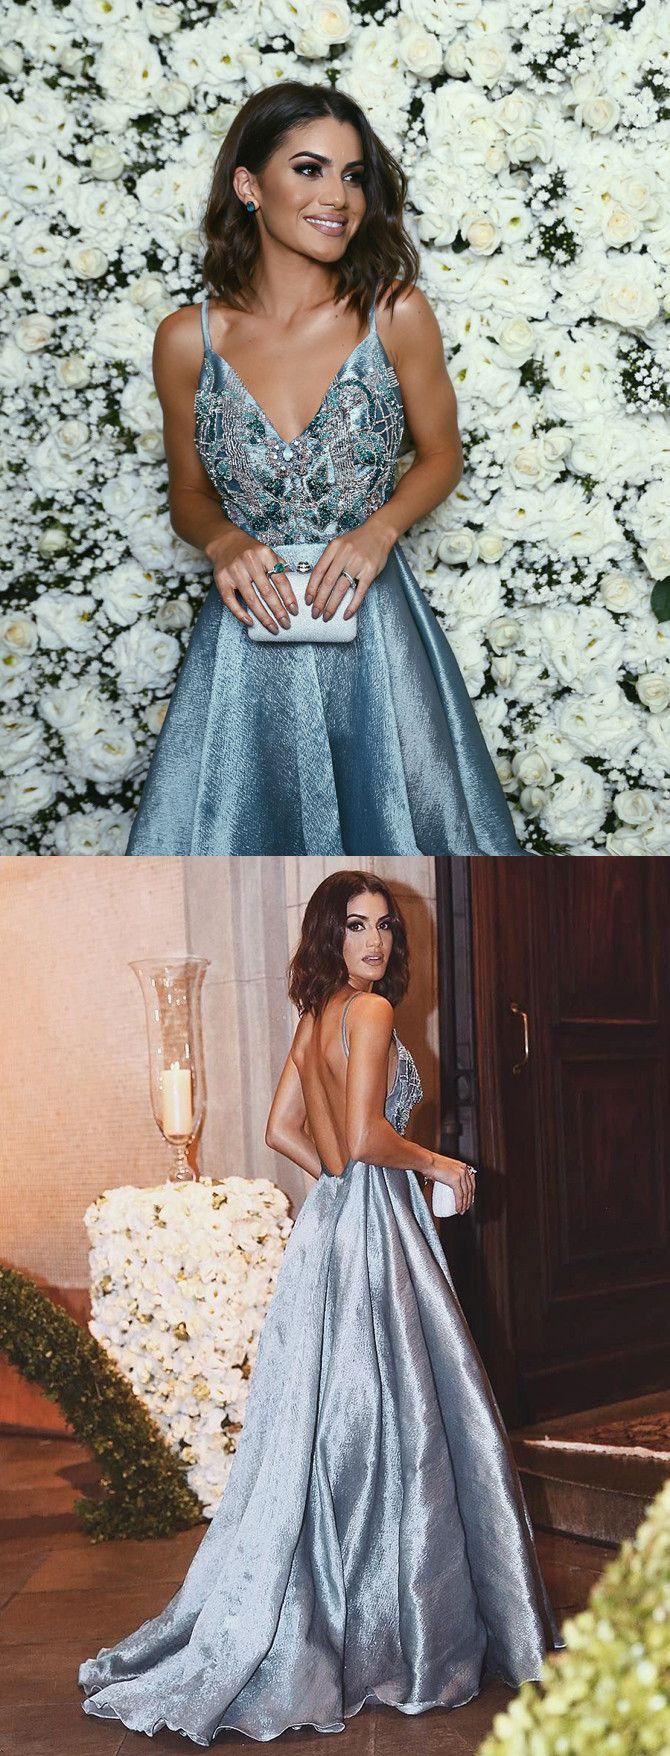 2017 prom dresses,unique prom dresses,design prom dresses,sexy prom dresses,backless prom dresses @simpledress2480